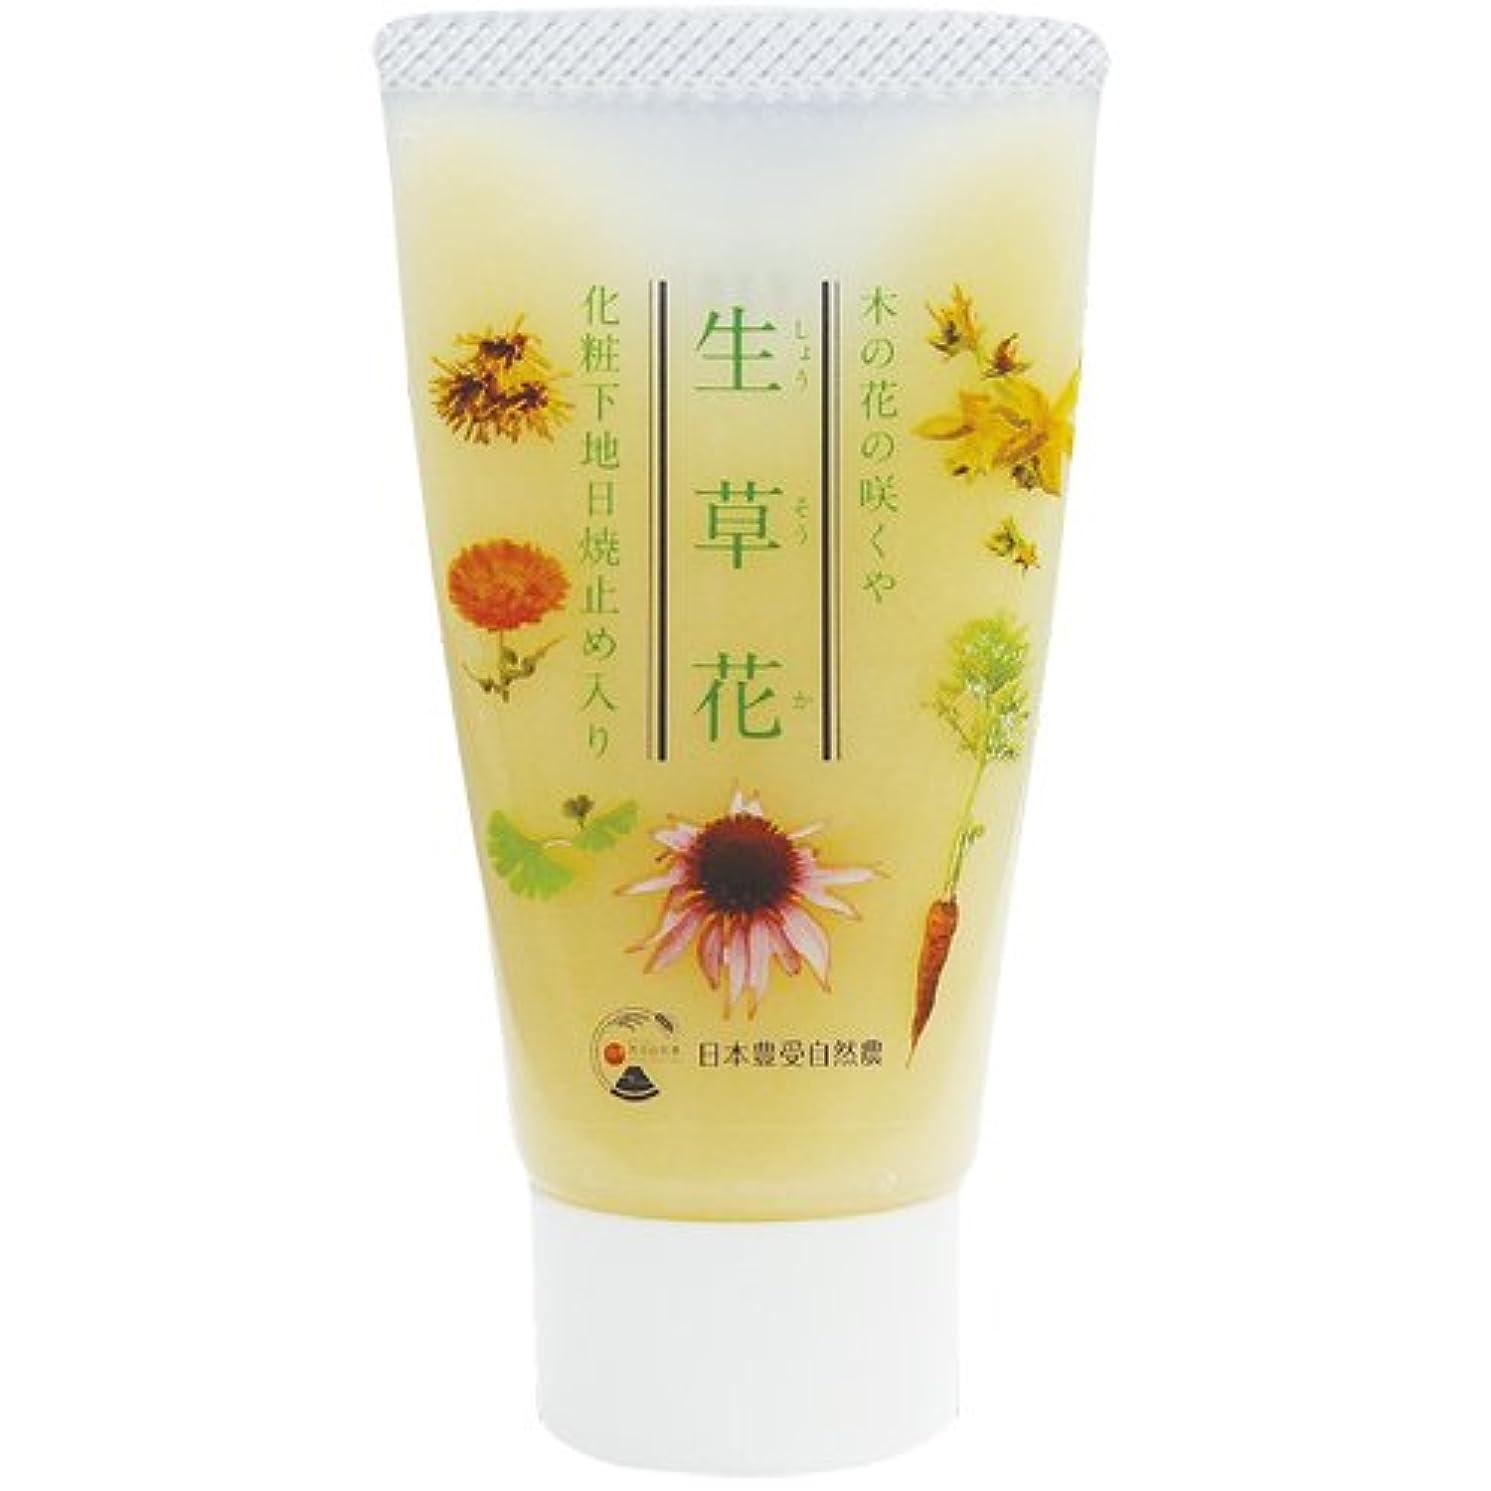 ダイヤモンドピンチルビー日本豊受自然農 木の花の咲くや 生草花 化粧下地 日焼け止め入り 30g